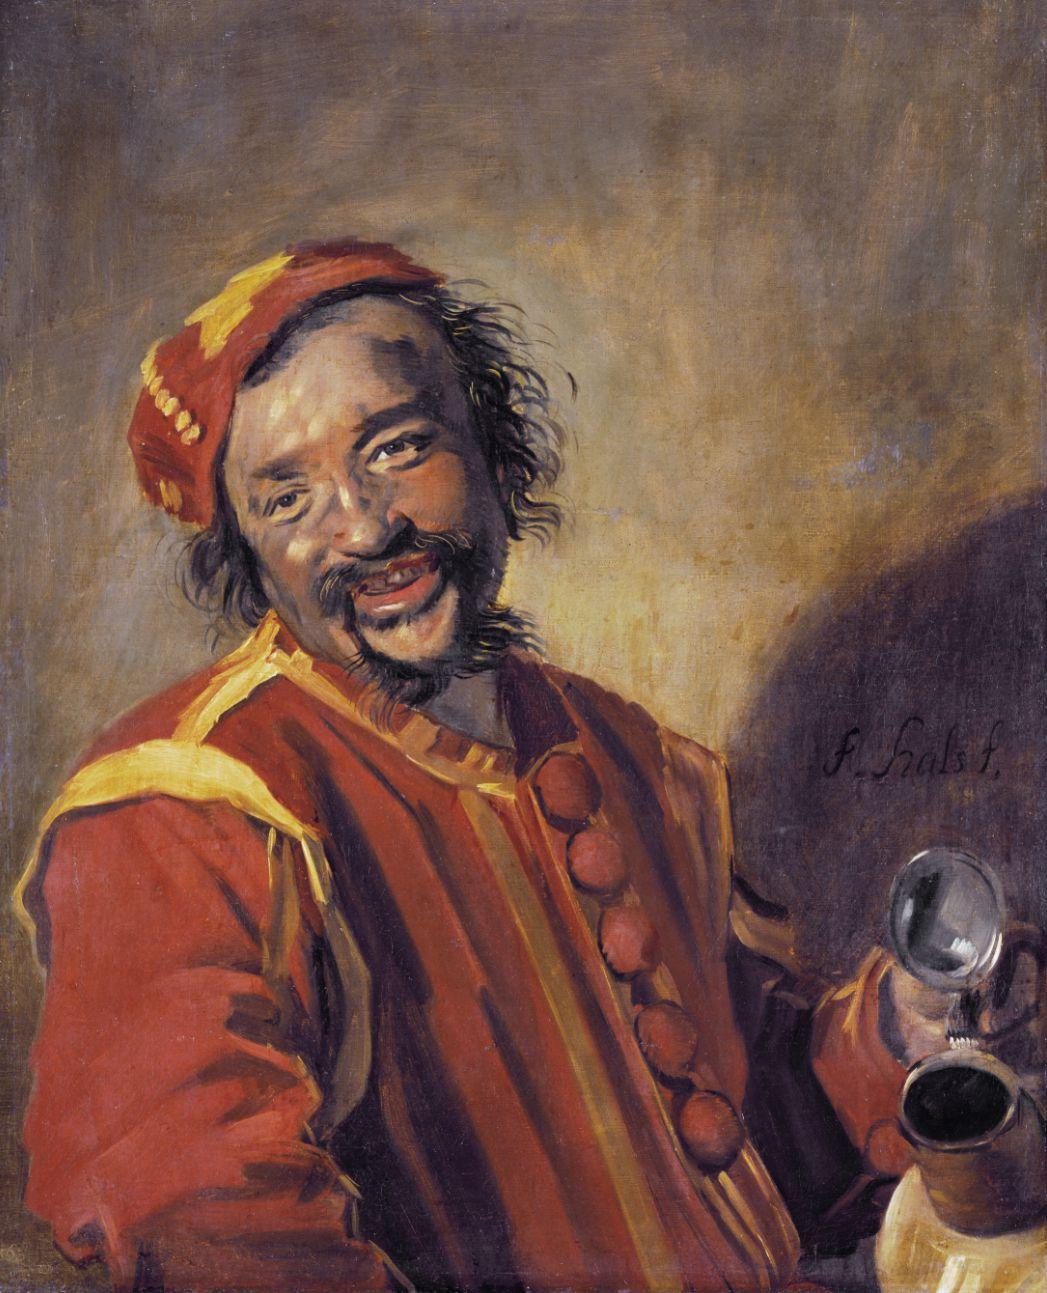 Frans Hals, Pekelharing (circa 1630)